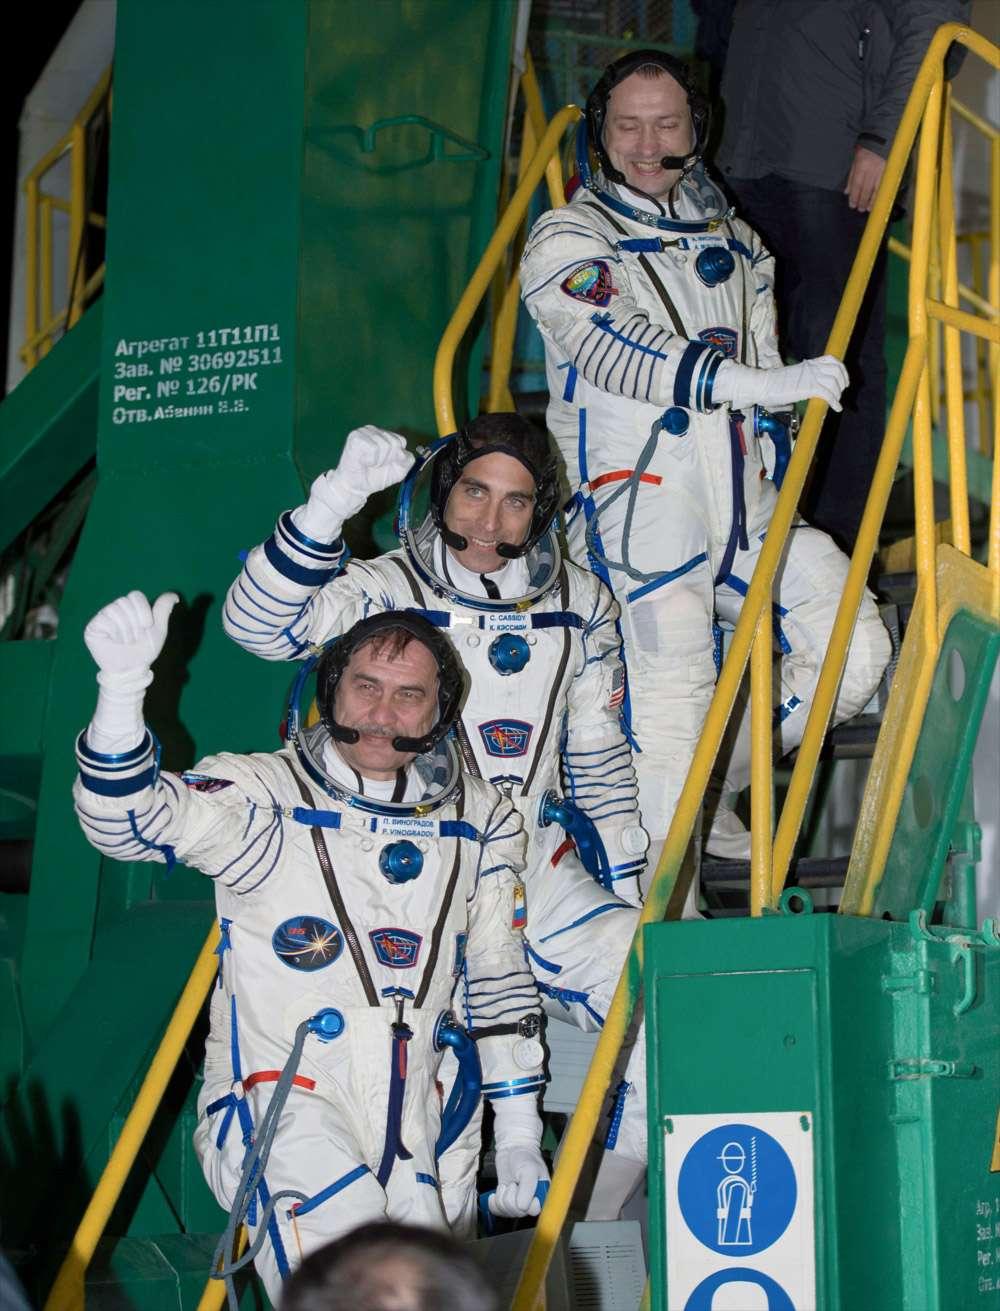 Les trois membres de l'Expedition 35. Ils ont rejoint l'équipage à bord de l'ISS avec à sa tête l'astronaute Chris Hadfield, le premier Canadien à commander la Station. © Carla Cioffi, Nasa